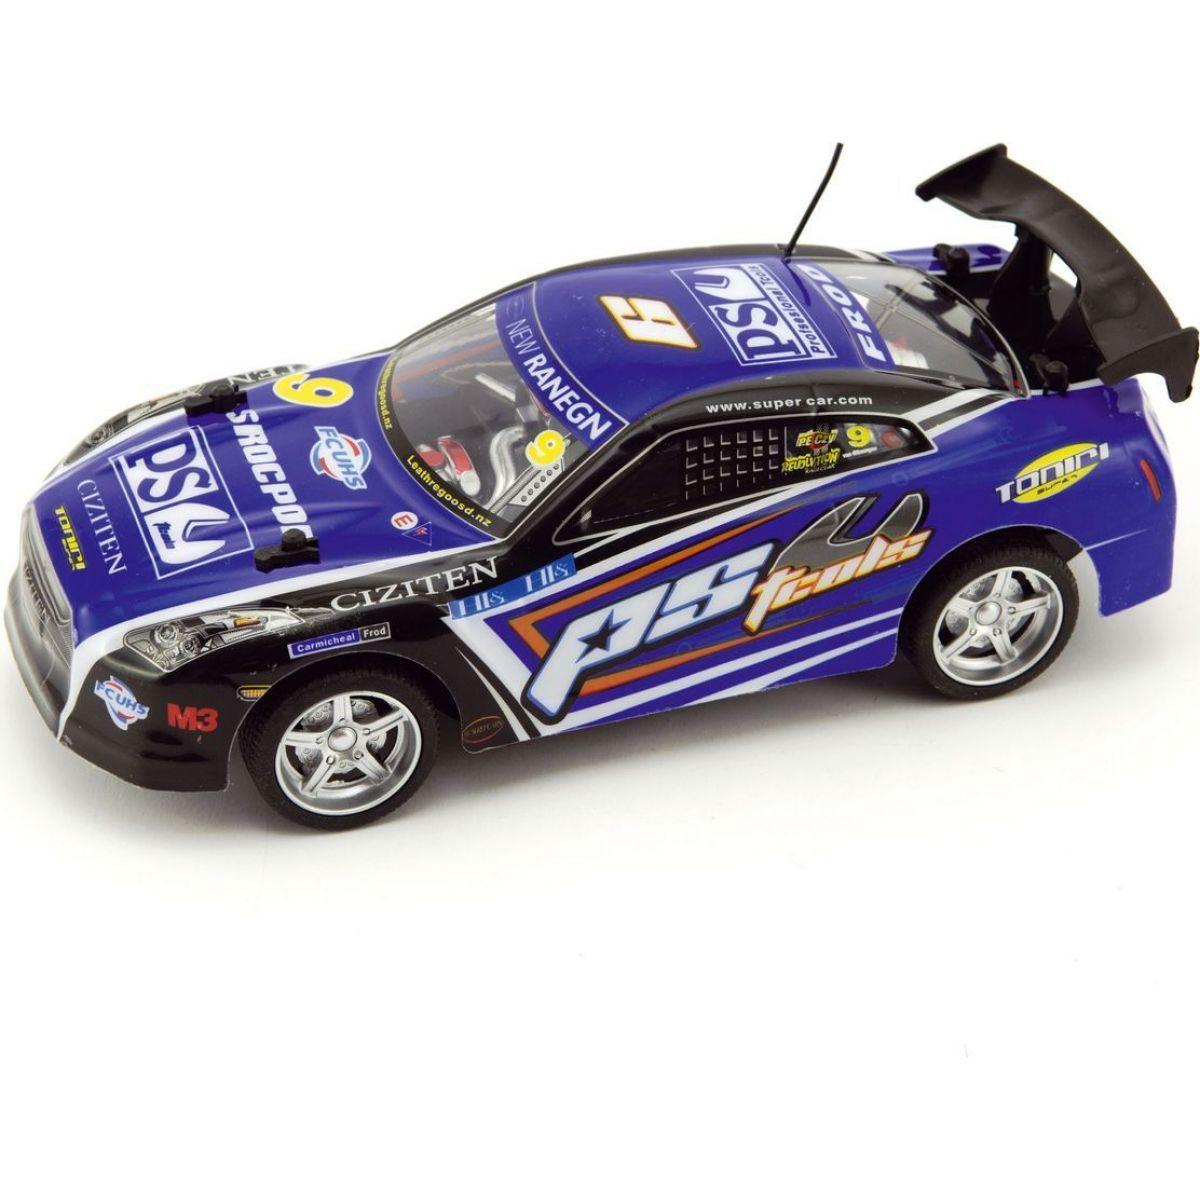 Teddies RC auto na batérie 1:18 zrýchľujúce 27MHz